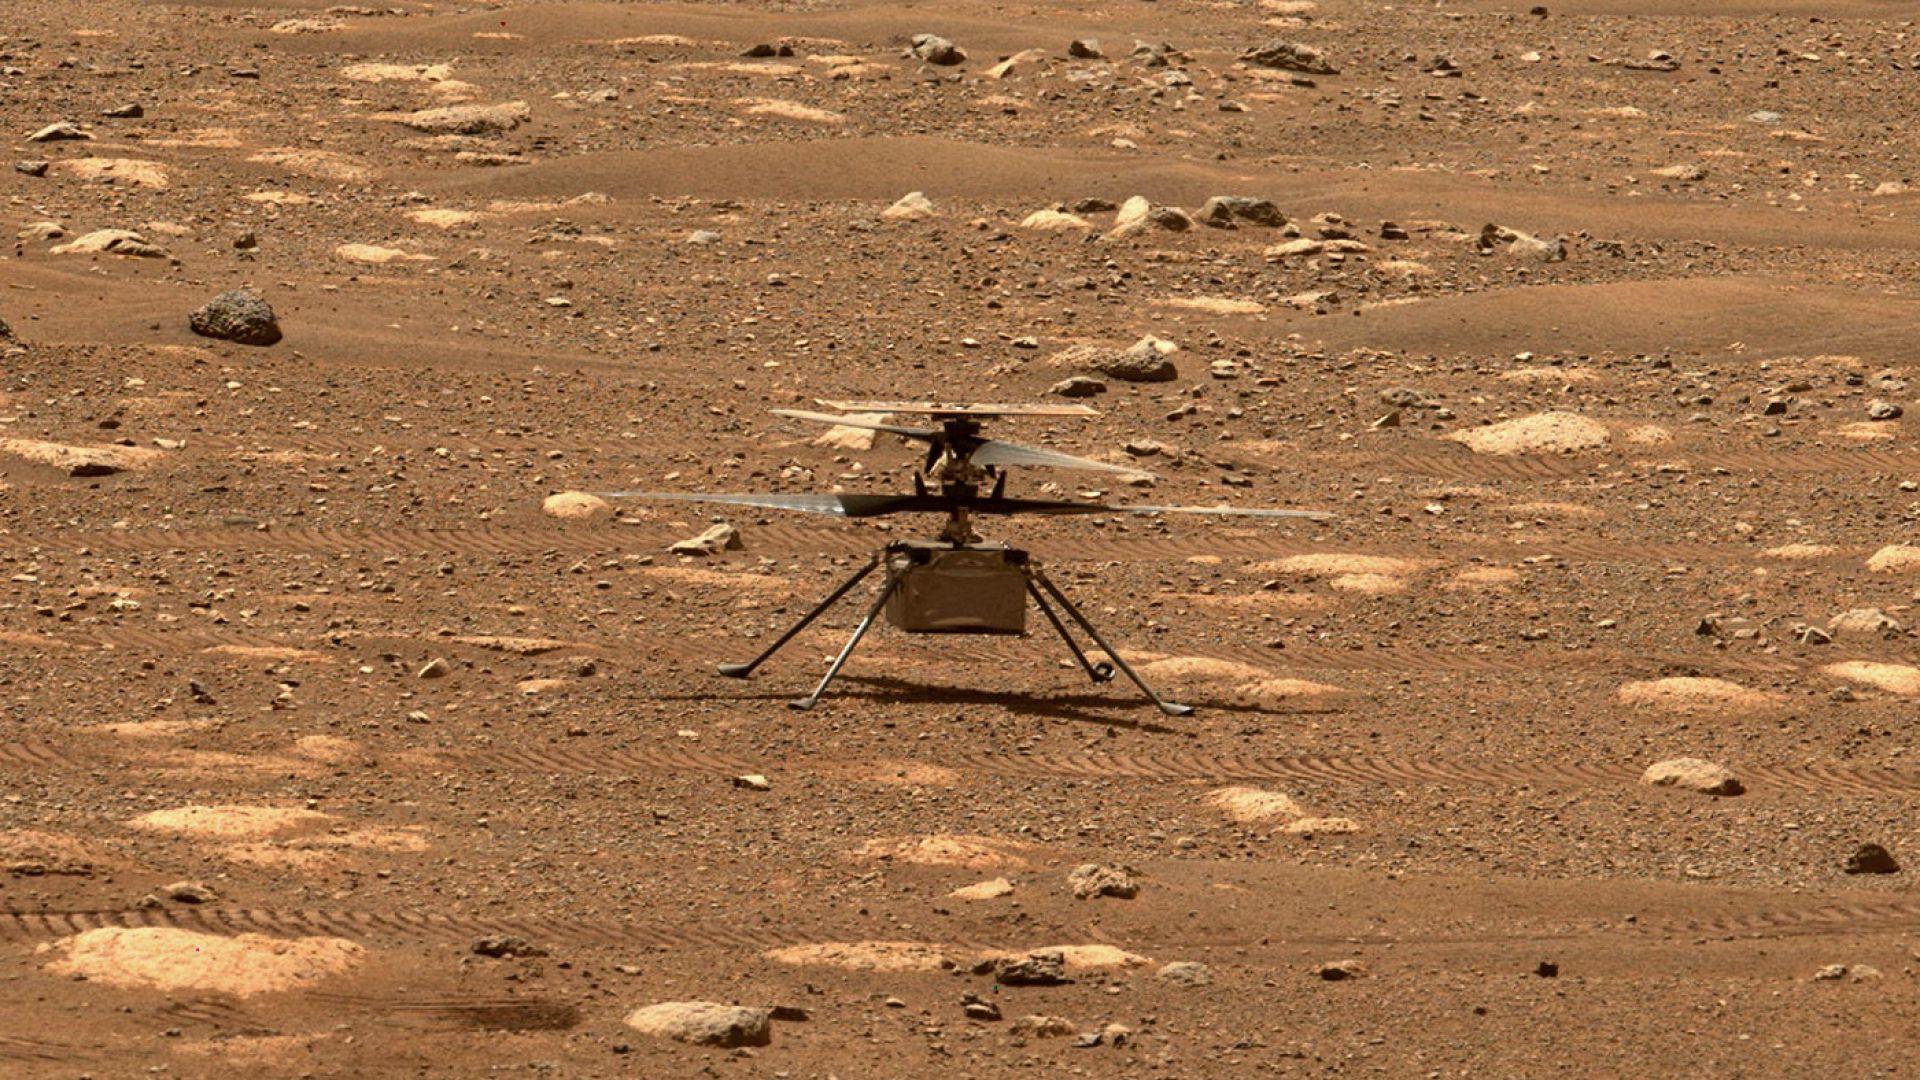 НАСА може инцидентно да е разпръснала живот на Марс